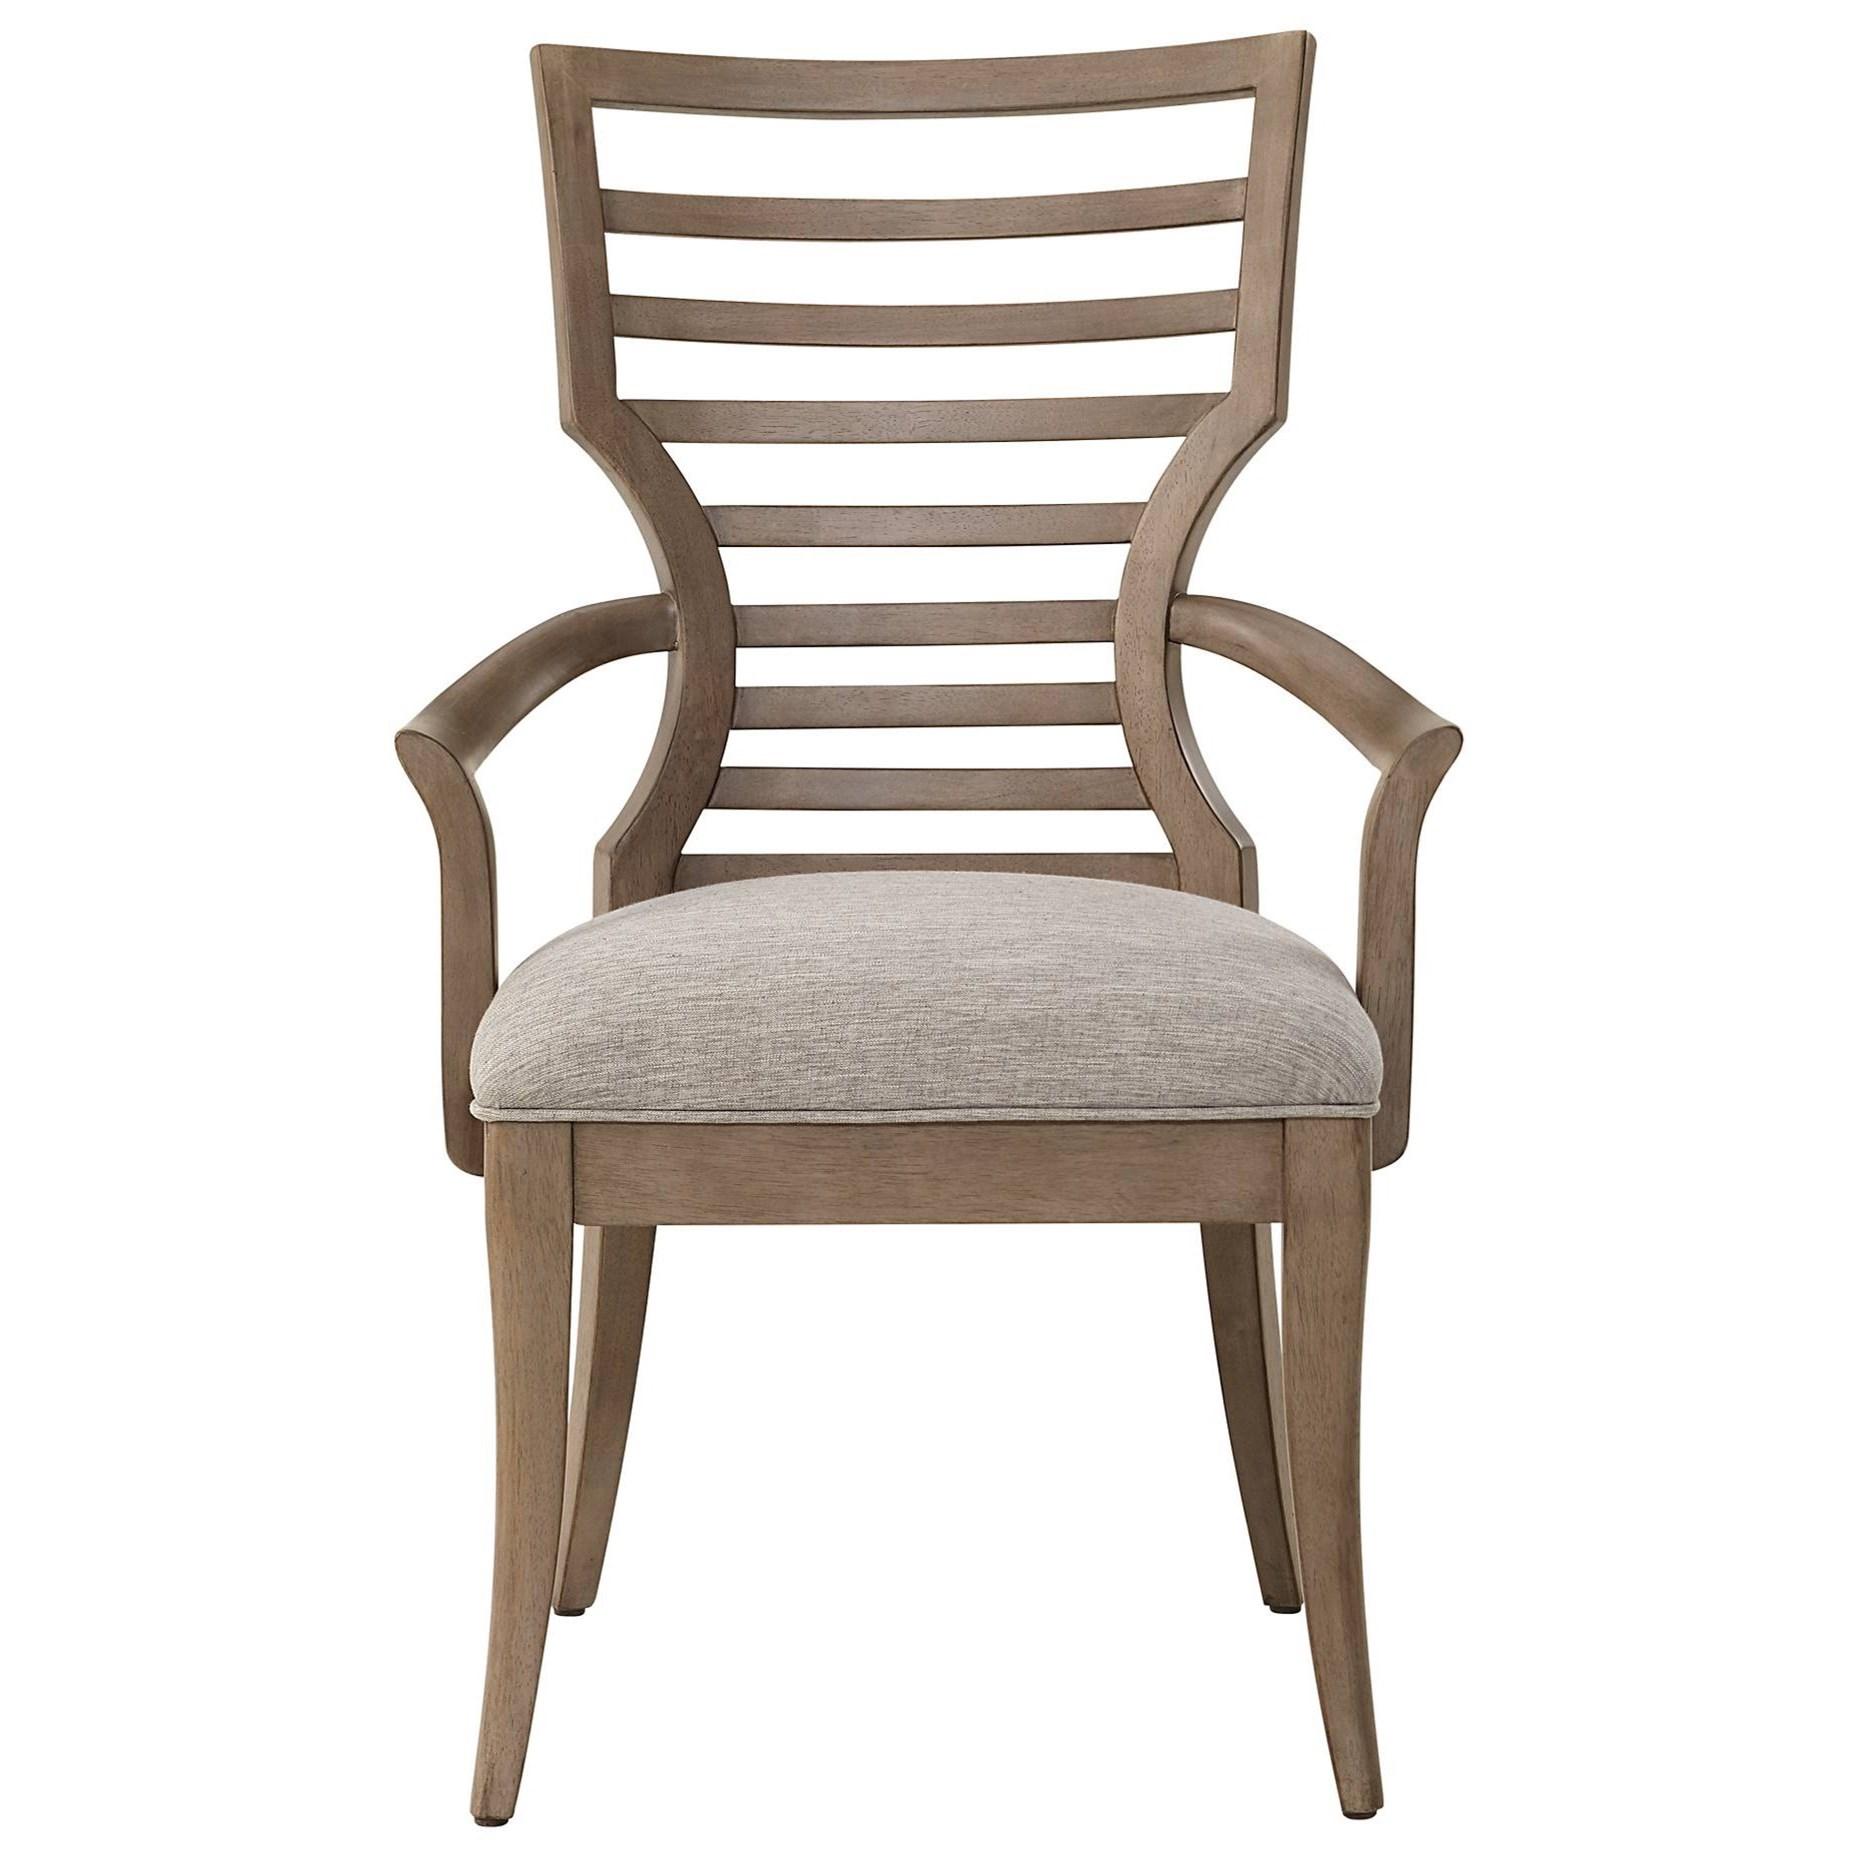 Stanley Furniture Virage Dining Room Set: Stanley Furniture Virage 696-61-70 Arm Chair With Modern